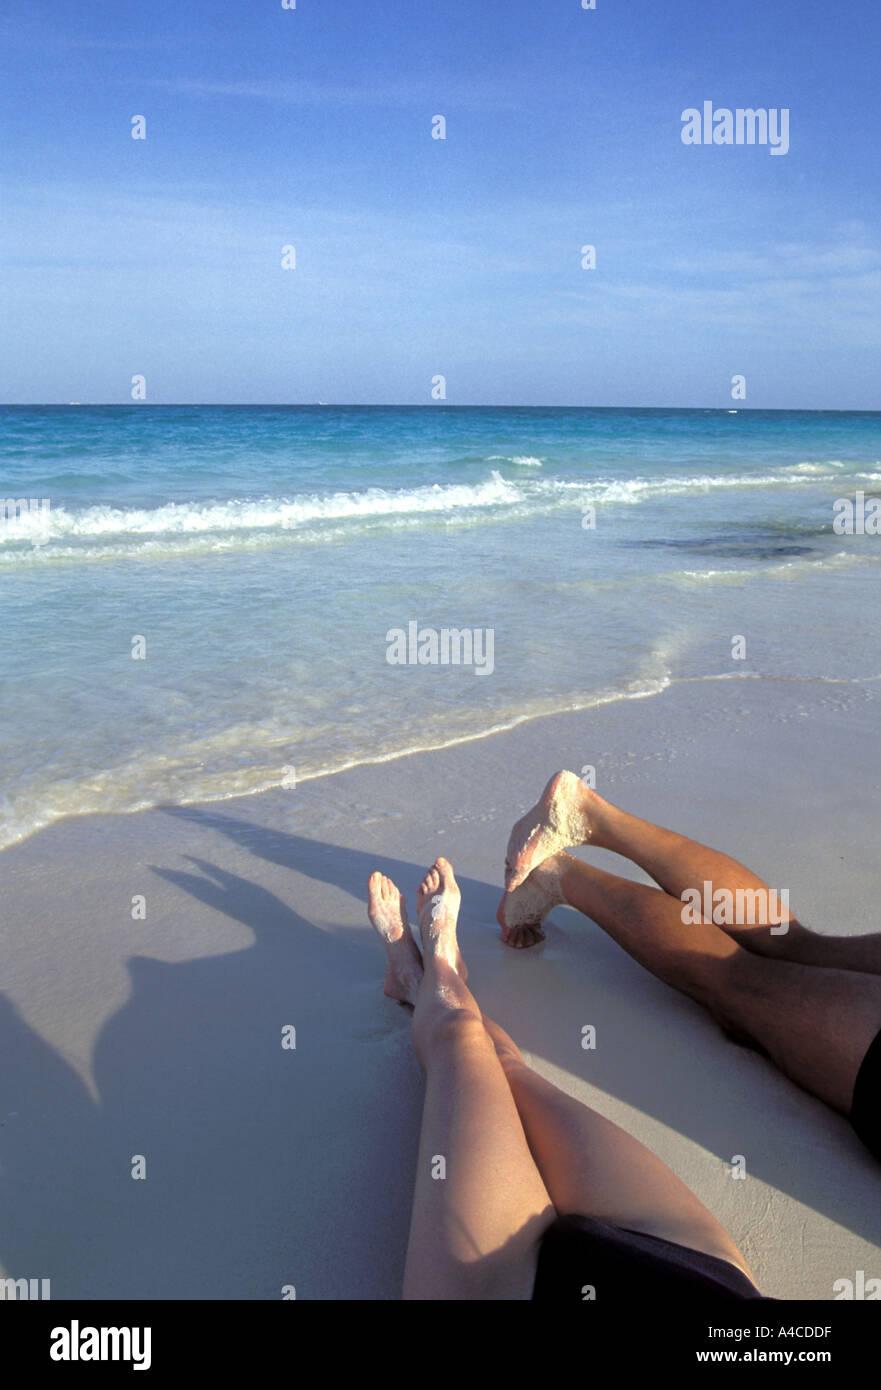 Paare Beine ausgestreckt am Strand mit Meer im Hintergrund